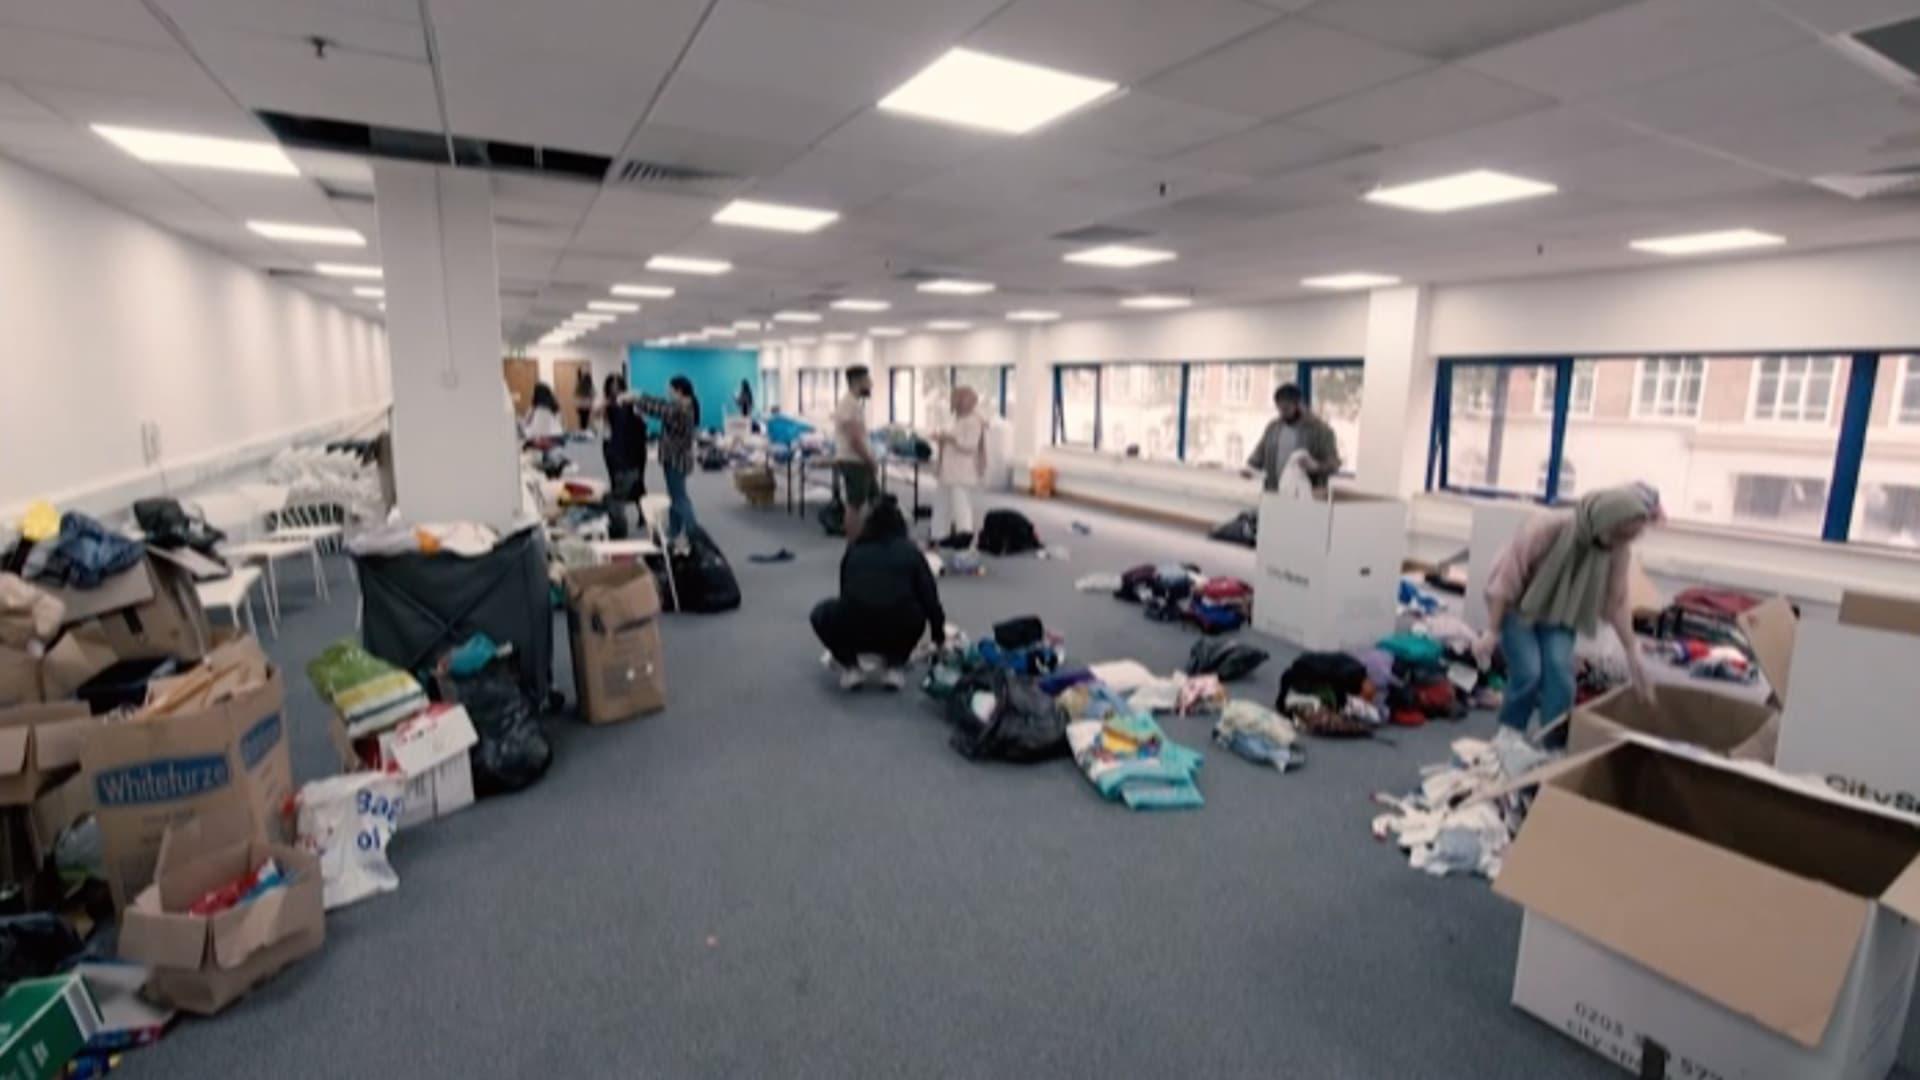 كيف أصبحت فنادق لندن منازل مؤقتة لمئات اللاجئين الأفغان؟